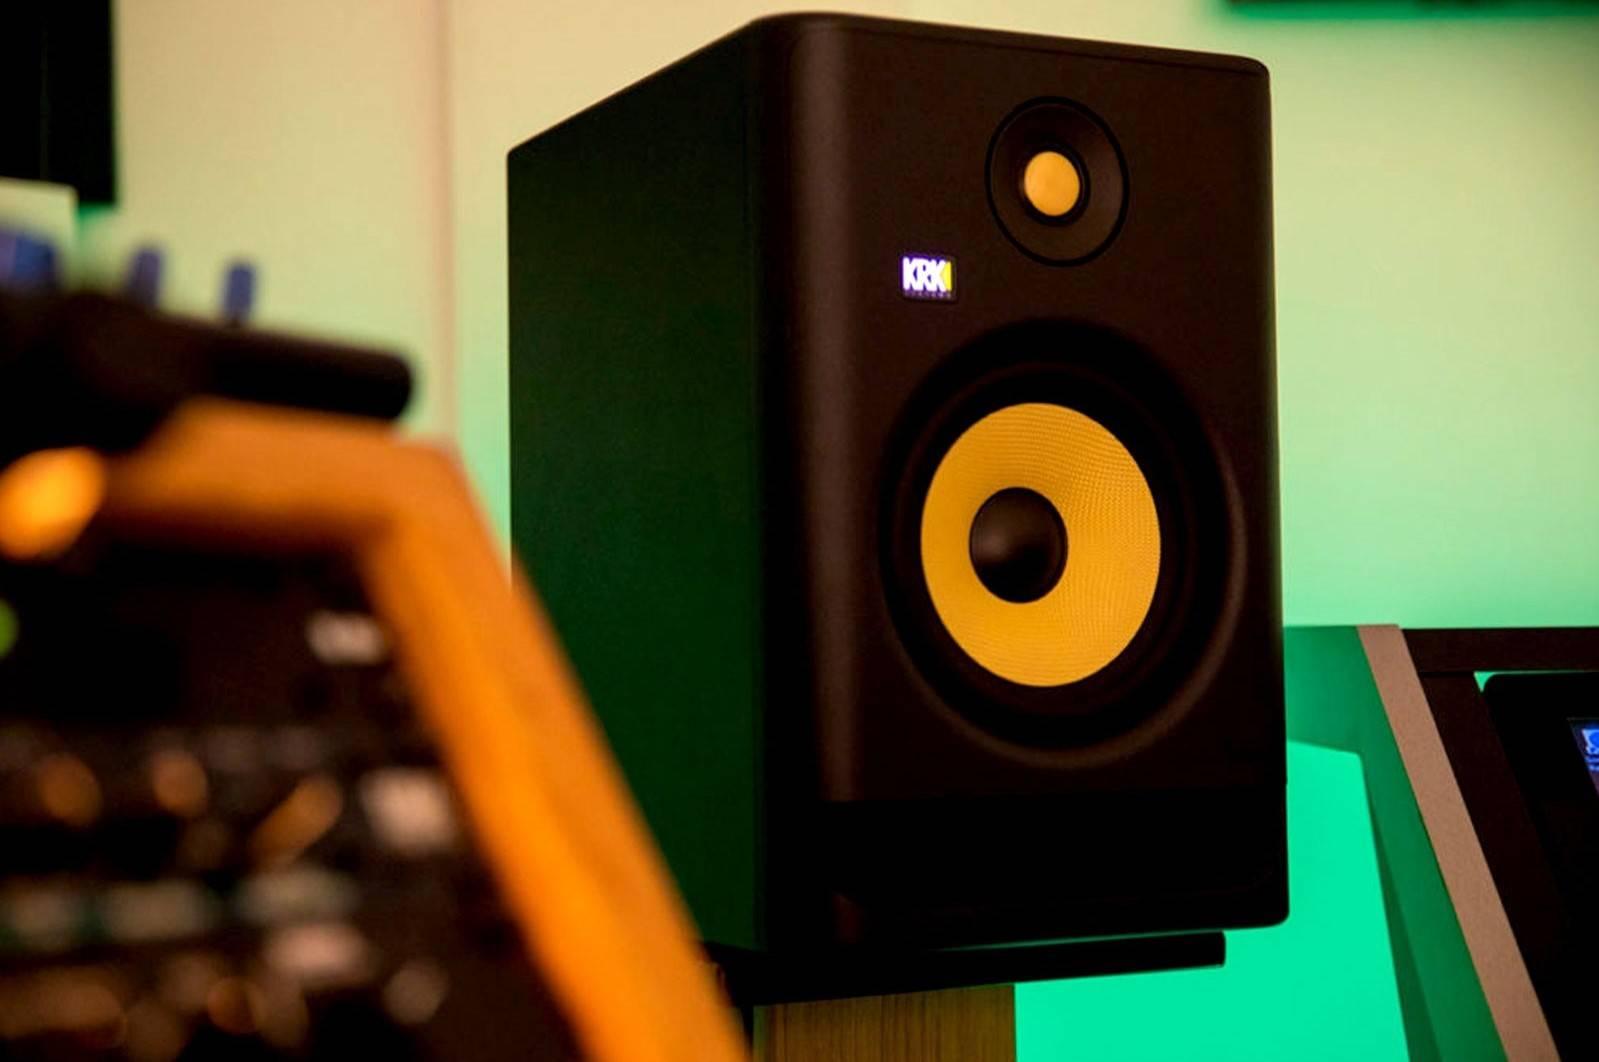 KRK G4:经典的黄色音频单元提供更优质的声音,同时带来更佳的清晰度和深度